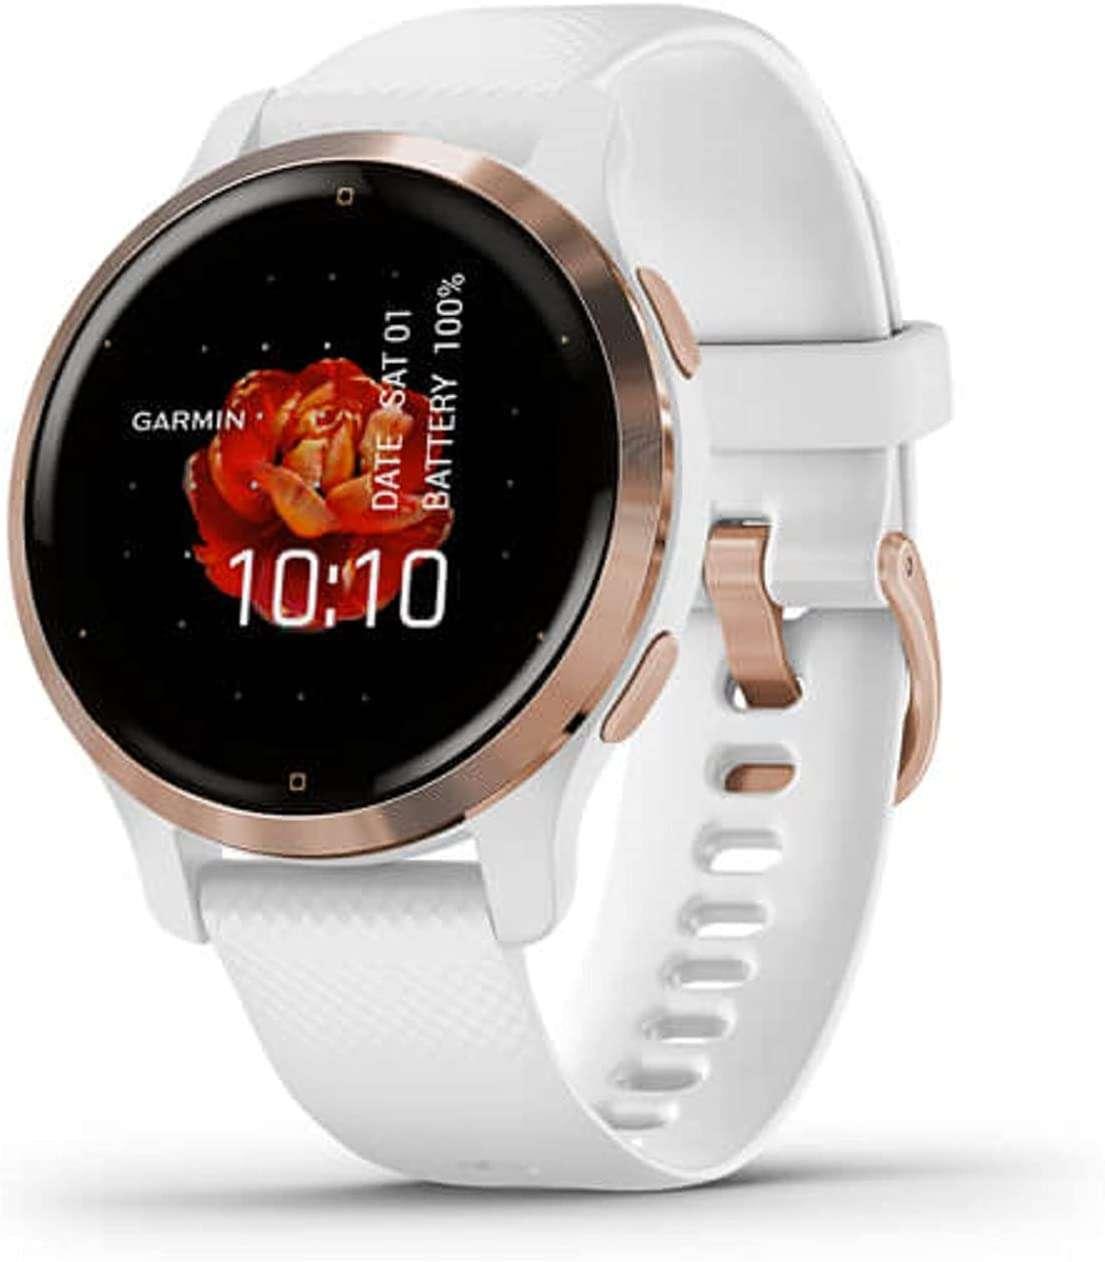 Bon plan : la montre Garmin Venus 2S © Amazon